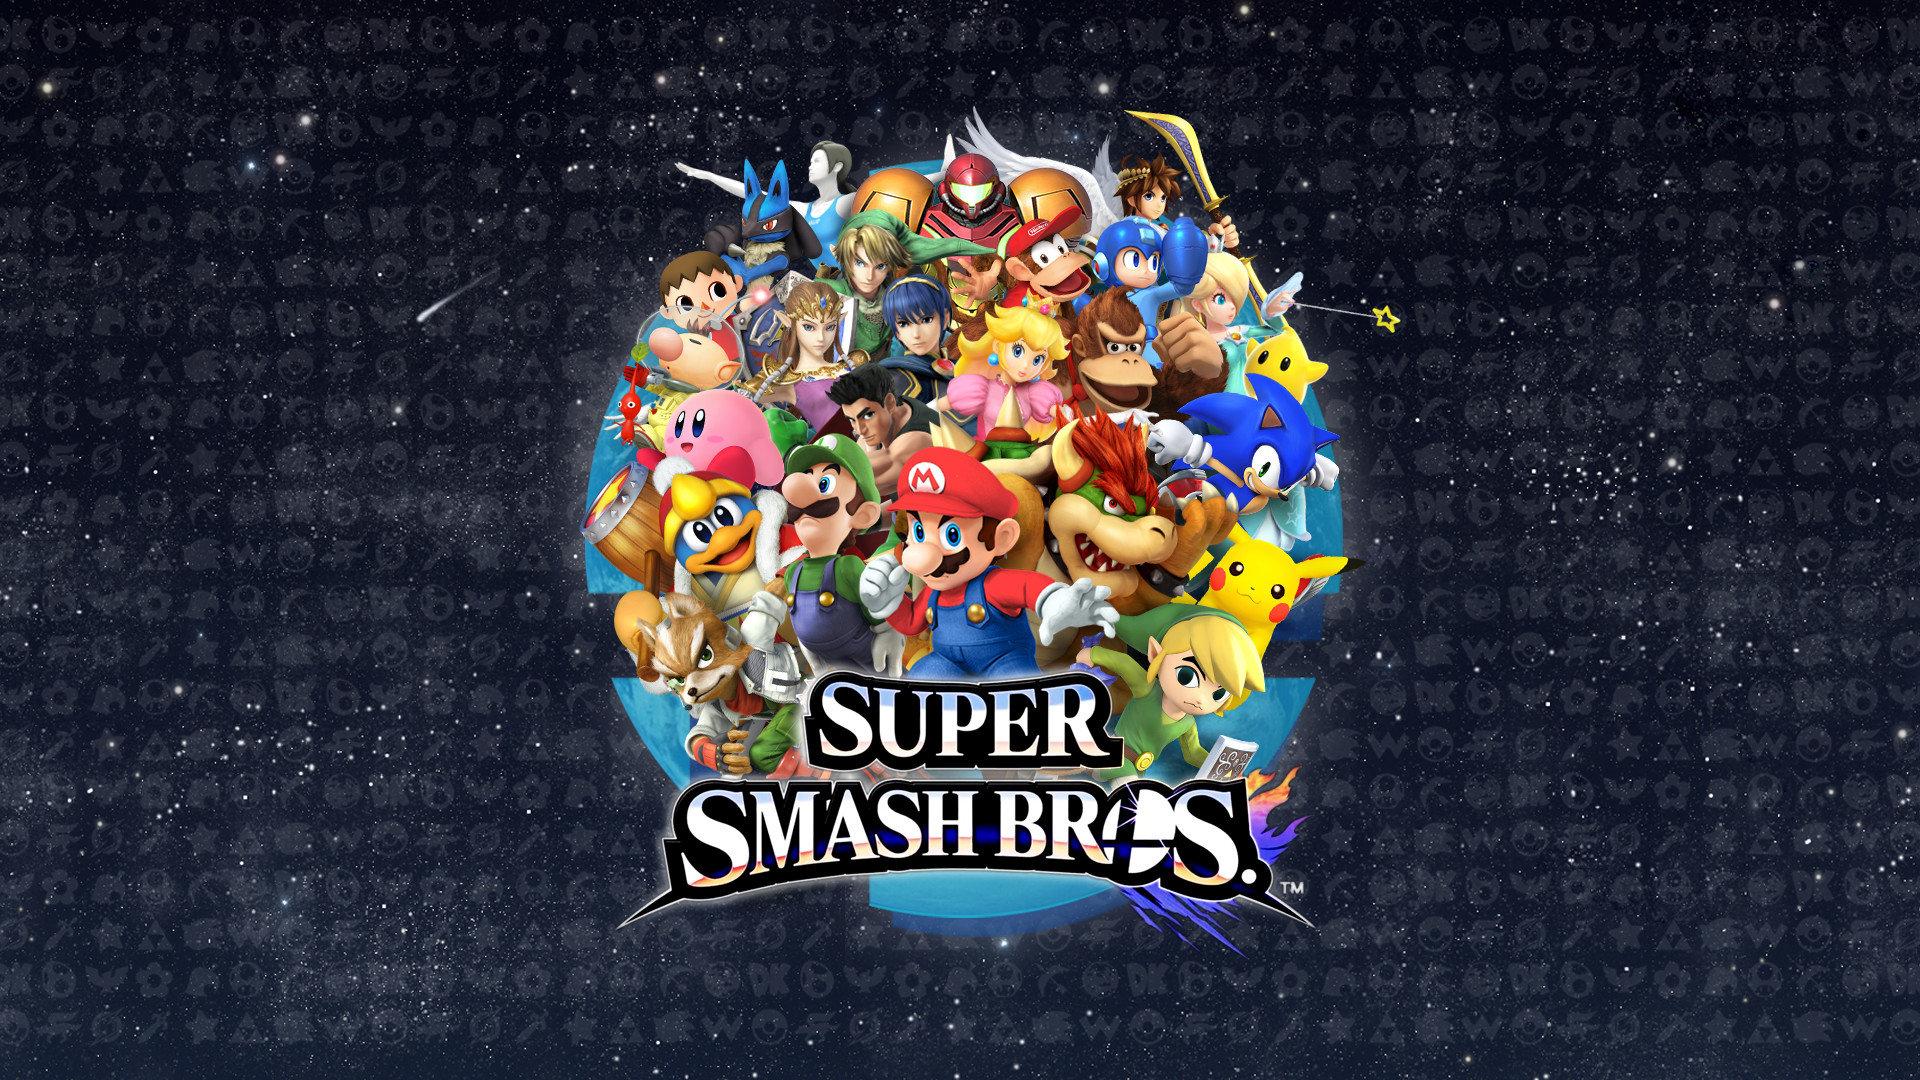 Super Smash Bros Wallpapers 1920x1080 Full Hd 1080p Desktop